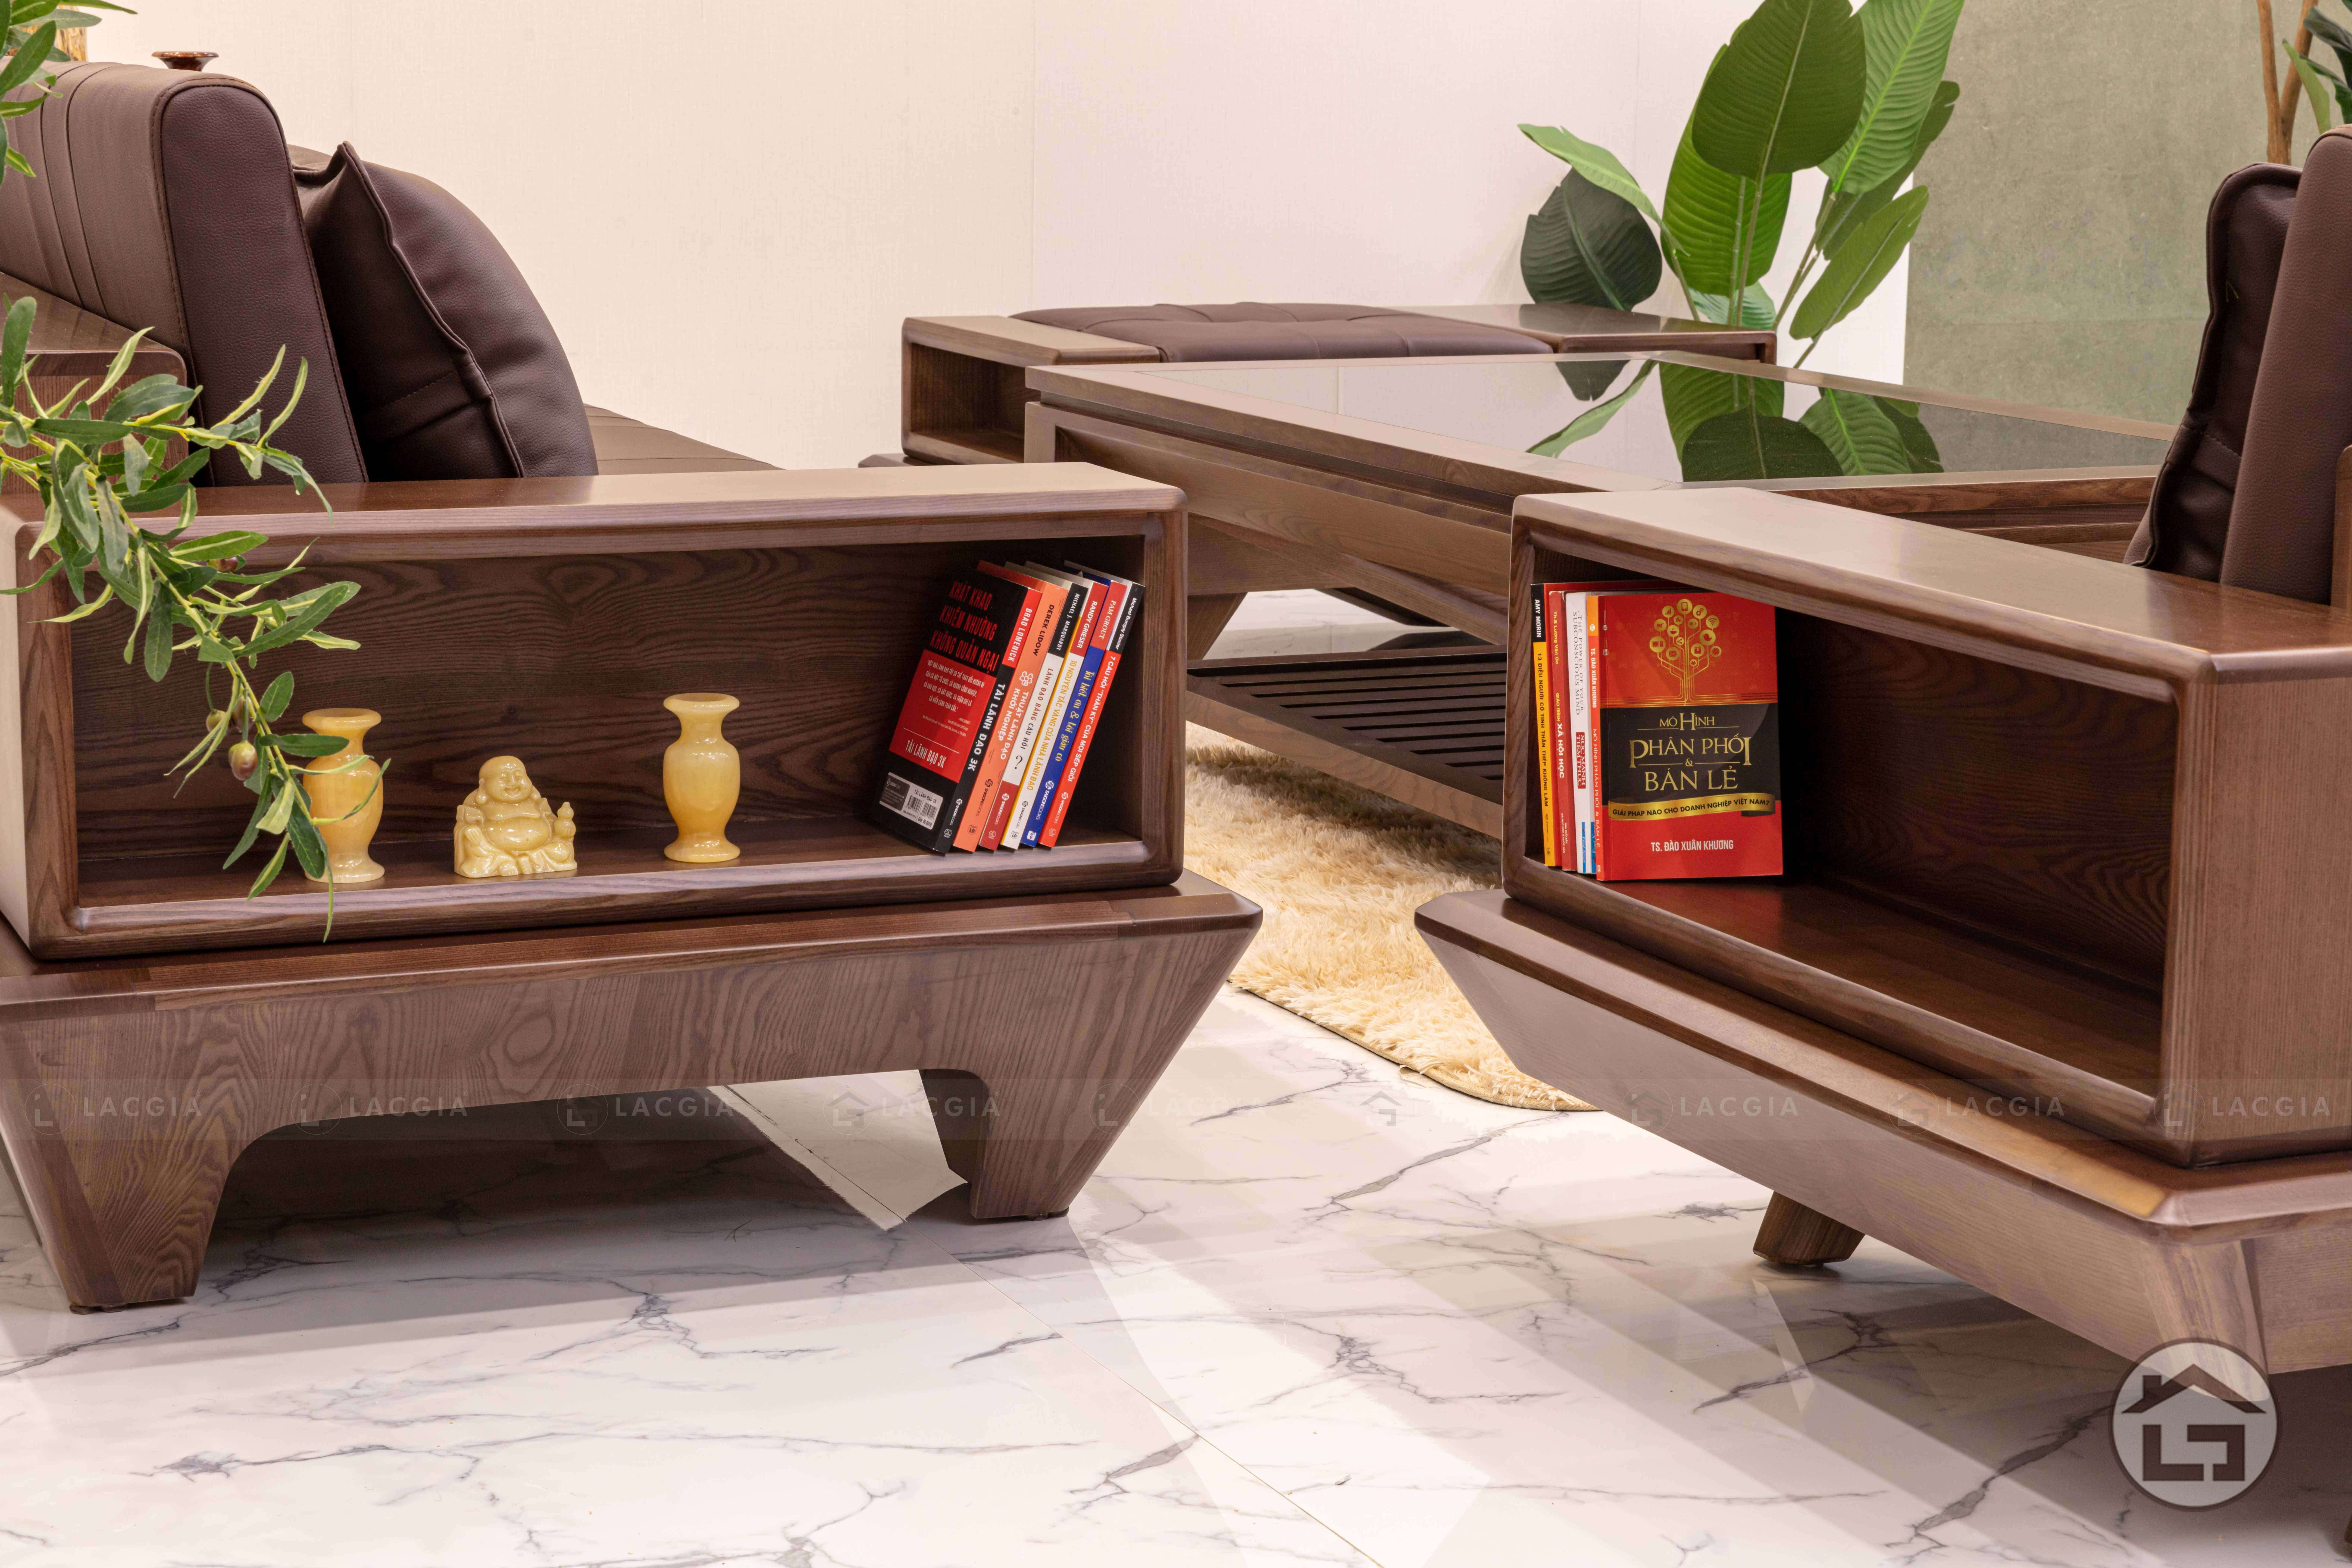 sofa go hien dai sf29 7 - Sofa gỗ hiện đại SF29